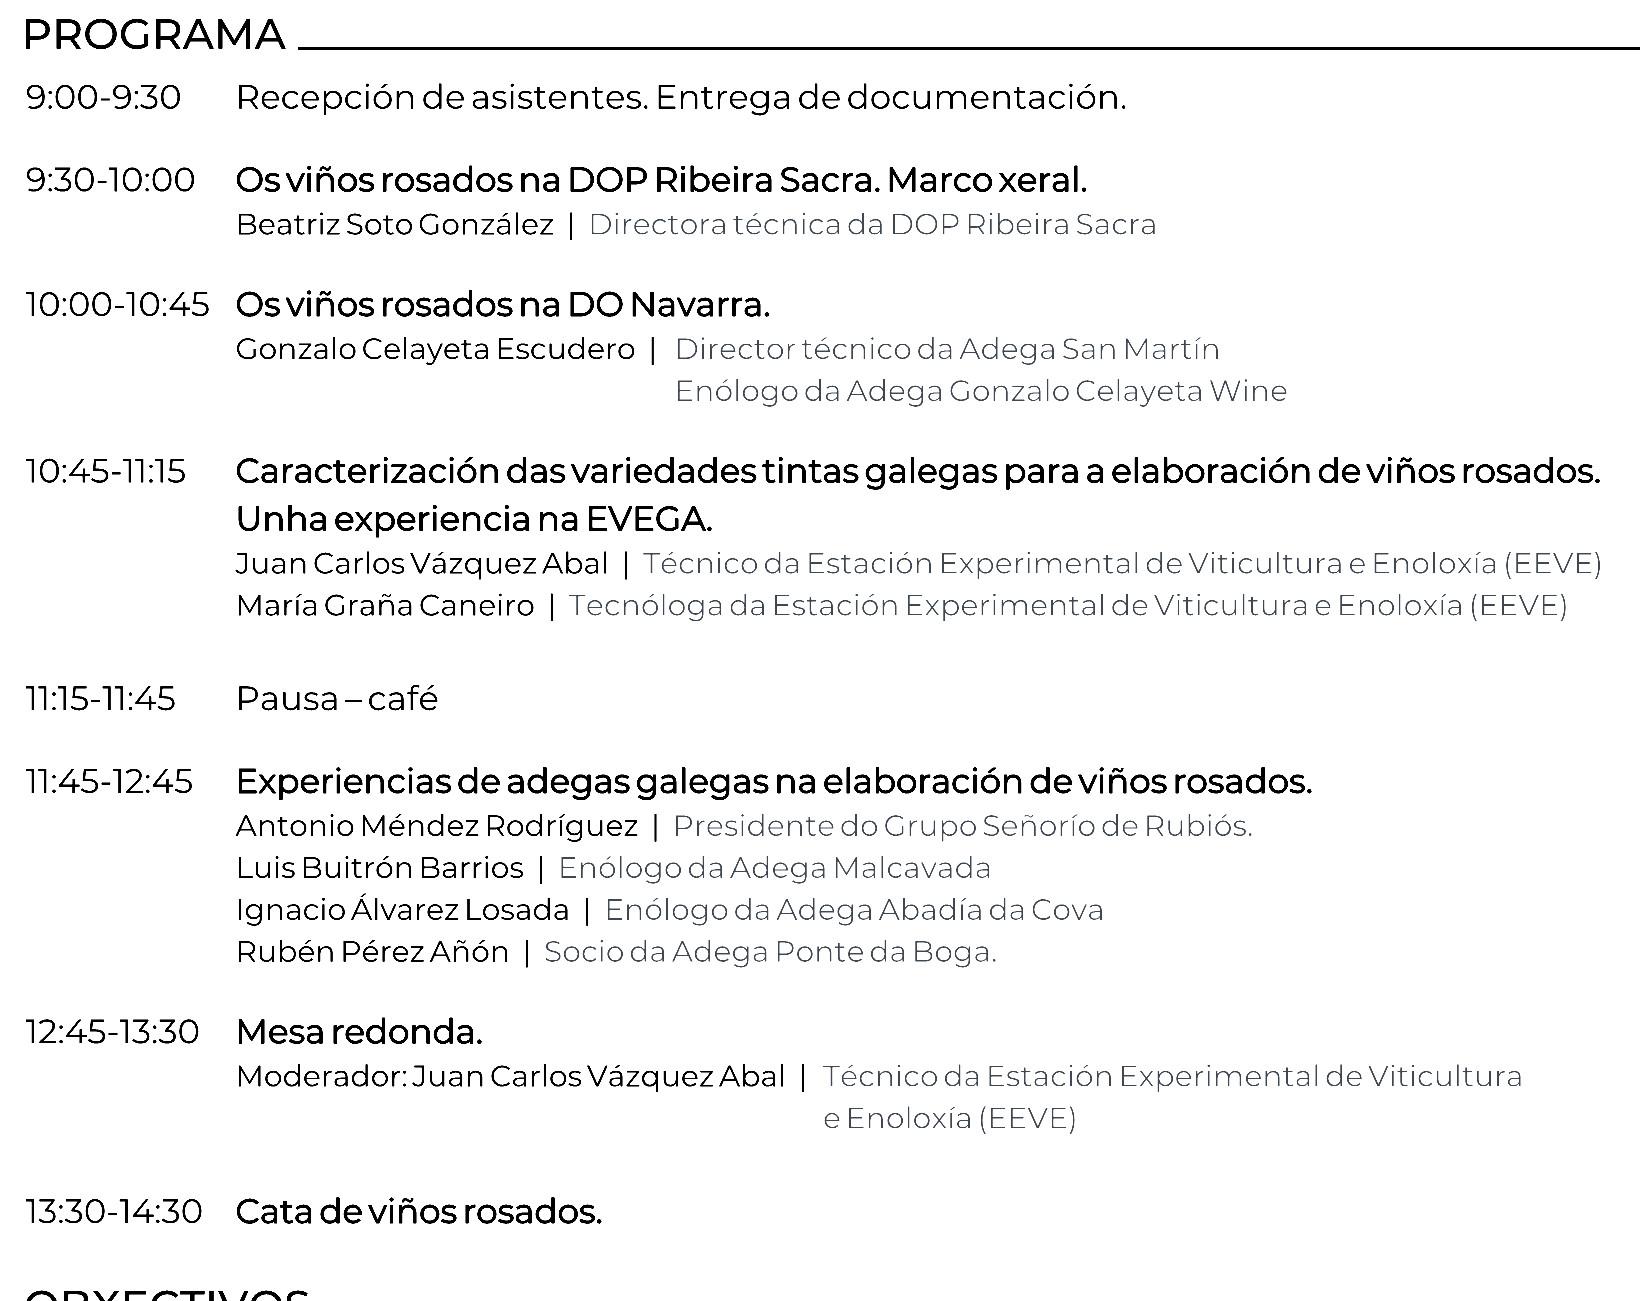 programa_rosados_evega